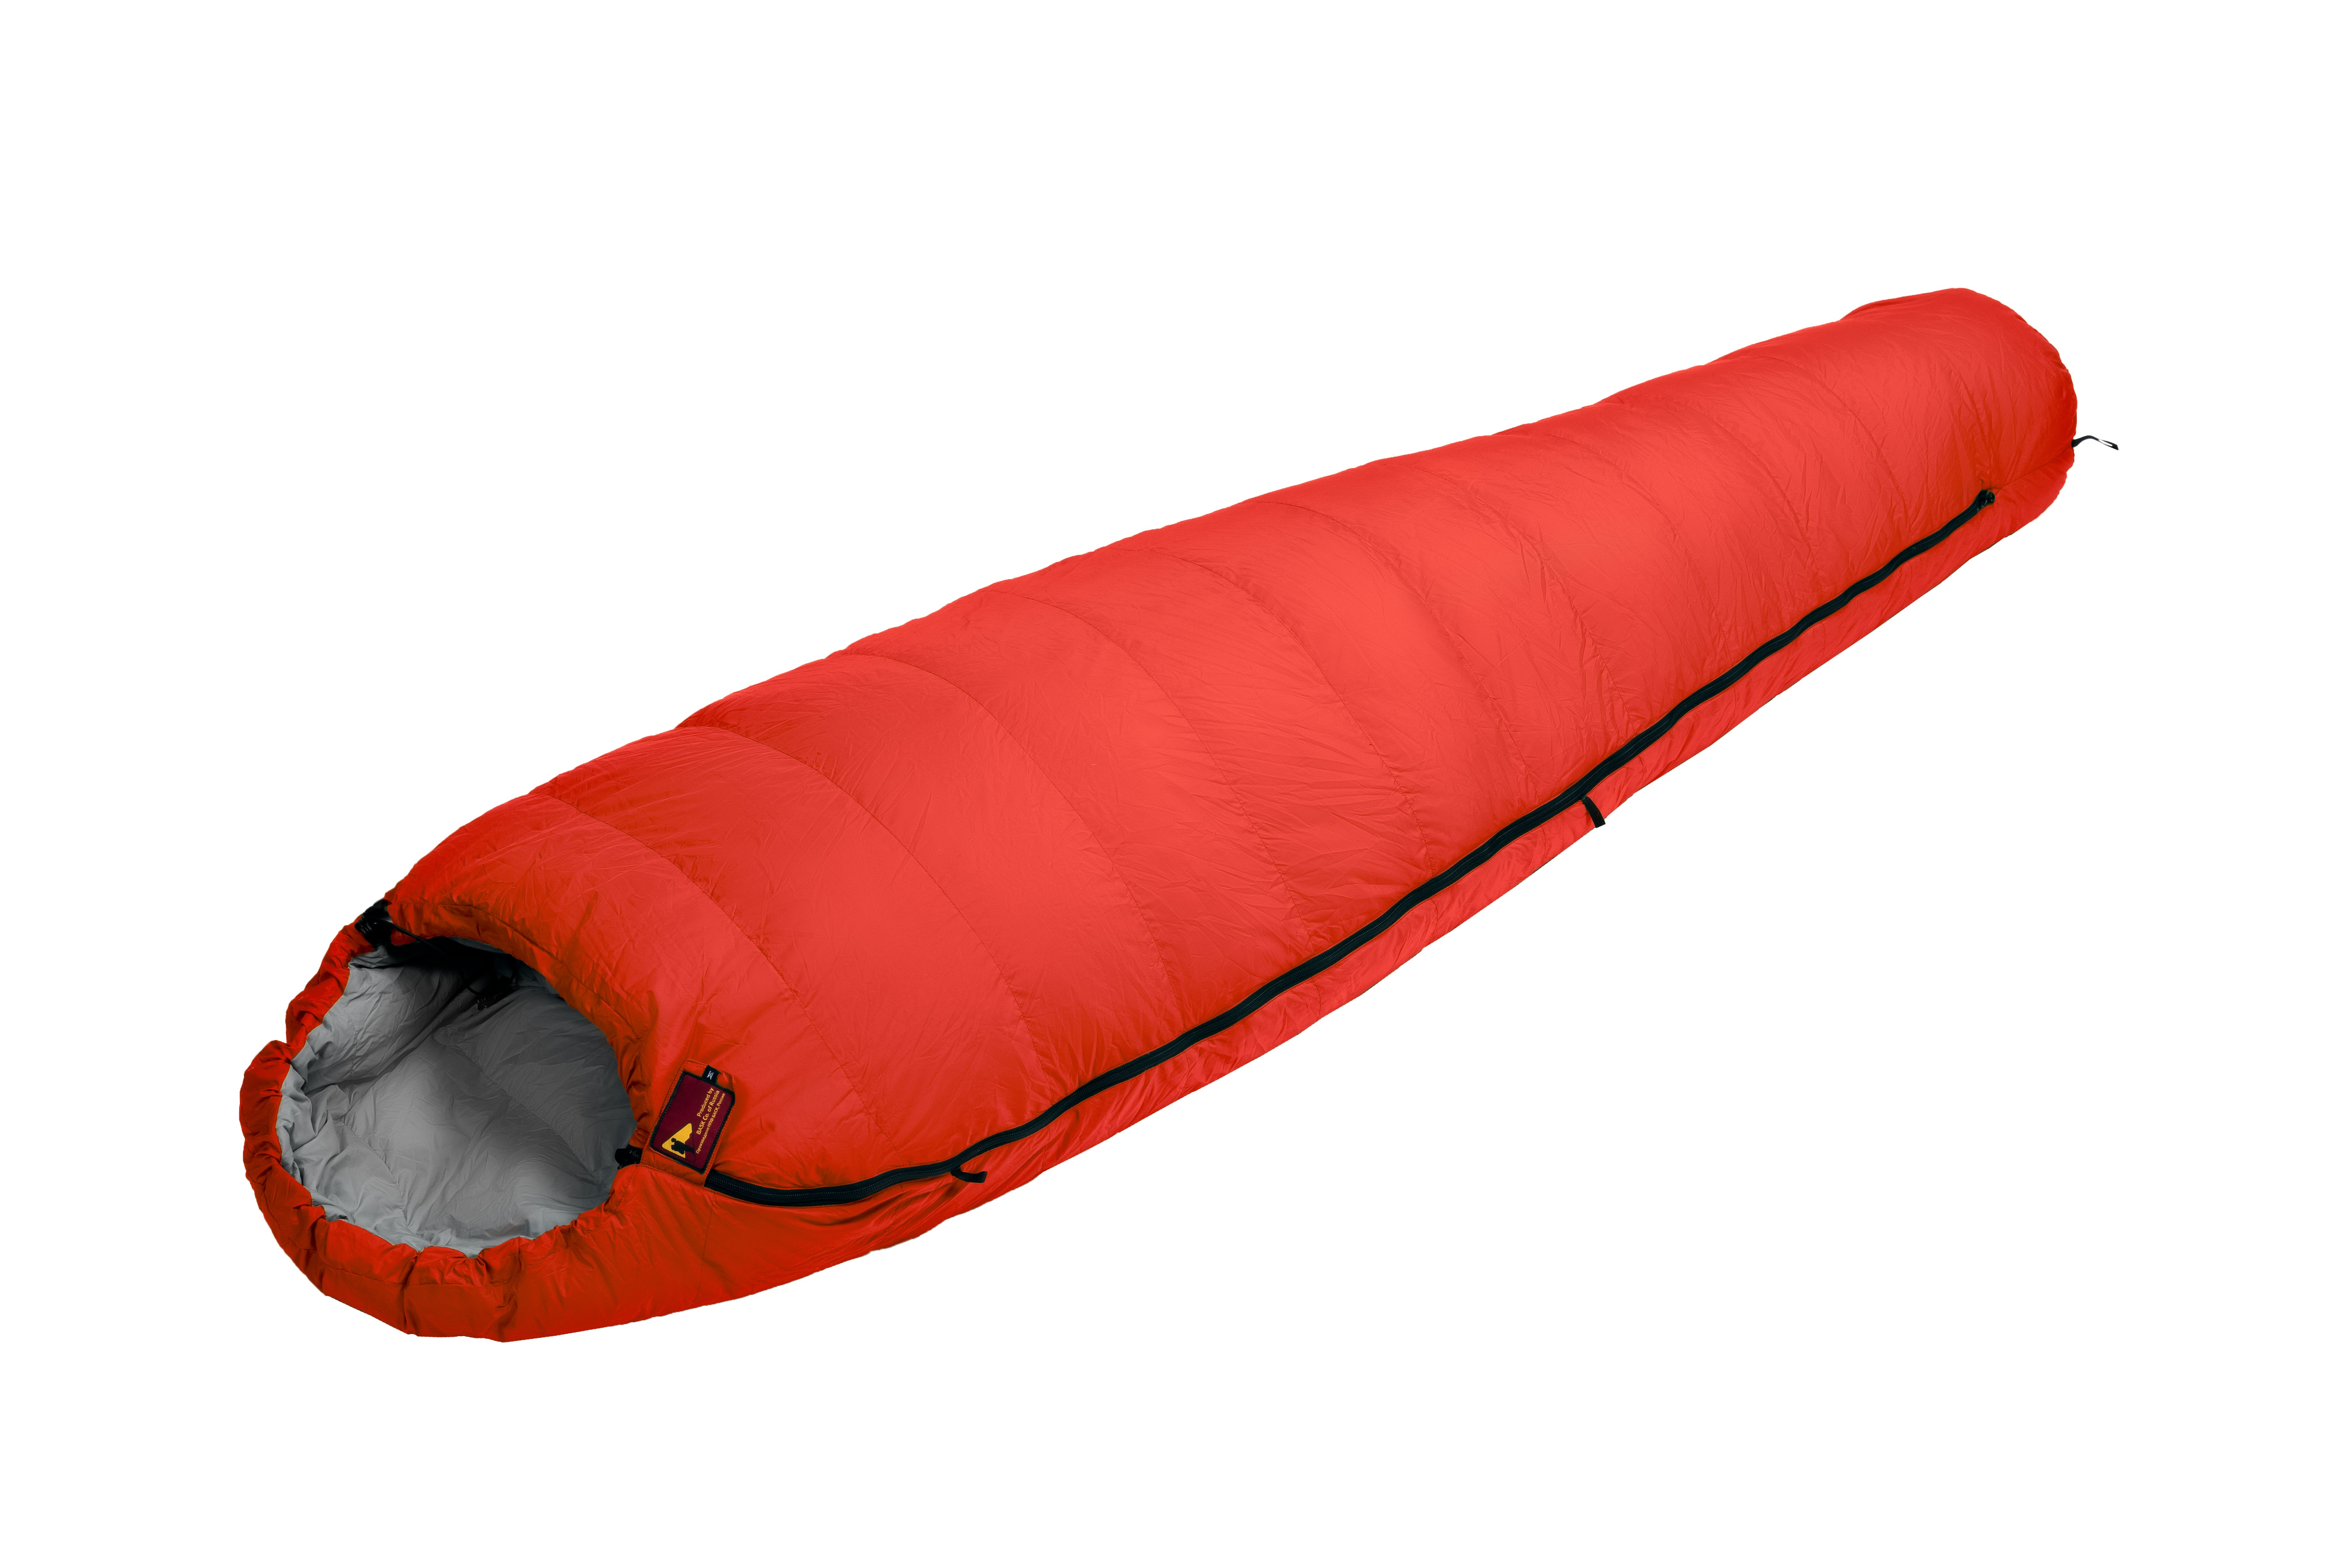 Спальный мешок BASK TREKKING 600+FP M V2 6100Лёгкий пуховый спальный мешок (до -24&amp;ordm;С). Протестирован в соответствии с требованиями европейского температурного стандарта EN 13537.<br><br>Верхняя ткань: Advance® Classic<br>Вес без упаковки: 980<br>Вес упаковки: 140<br>Вес утеплителя: 645<br>Внутренняя ткань: Advance® Classic<br>Назначение: экстремальный<br>Наличие карманов: Да<br>Нижняя температура комфорта °C: -6<br>Подголовник/Капюшон: Да<br>Показатель Fill Power (для пуховых изделий): 670<br>Пол: унисекс<br>Размер в упакованном виде (диаметр х длина): 18х46<br>Размеры наружные (внутренние): 220х190х78х51<br>Система расположения слоев утеплителя или пуховых пакетов: смещенные швы<br>Тесьма вдоль планки: Да<br>Тип молнии: двухзамковая-разъёмная<br>Тип утеплителя: натуральный<br>Утеплитель: гусиный пух<br>Утепляющая планка: Да<br>Форма: кокон<br>Шейный пакет: Да<br>Экстремальная температура °C: -24<br>Размер RU: R<br>Цвет: ЗЕЛЕНЫЙ